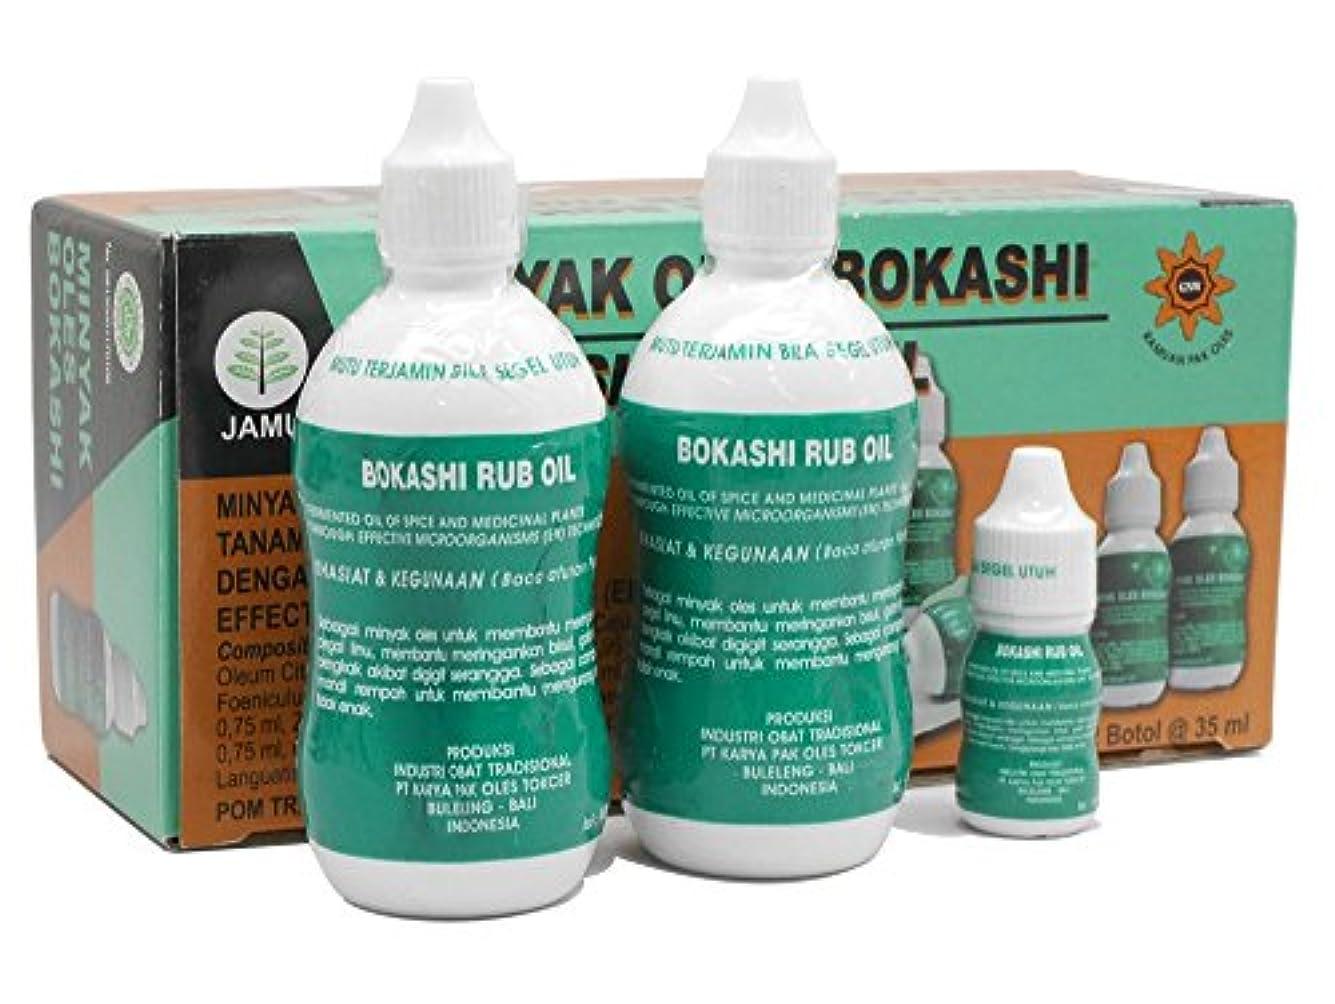 モスク目的委任BOKASHI RUB OIL ボカシラブオイル 140ml (2本) 12ml (1本) 日本オリジナルモデル 日本正規代理店